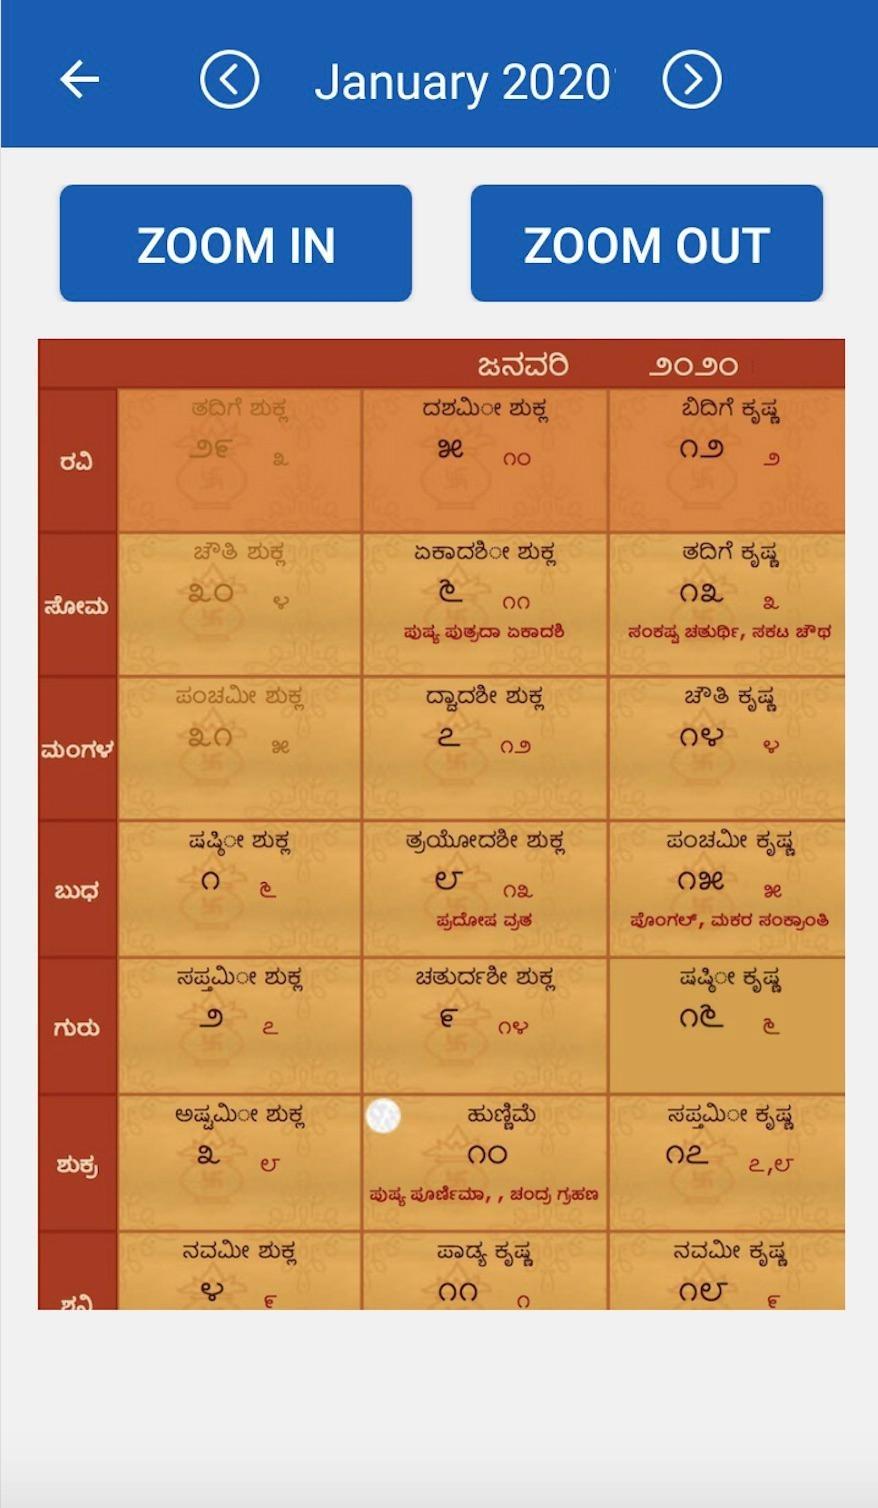 Kannada Calendar 2020 - ಕನ್ನಡ ಕ್ಯಾಲೆಂಡರ್ 2020-January 2020 Calendar In Kannada